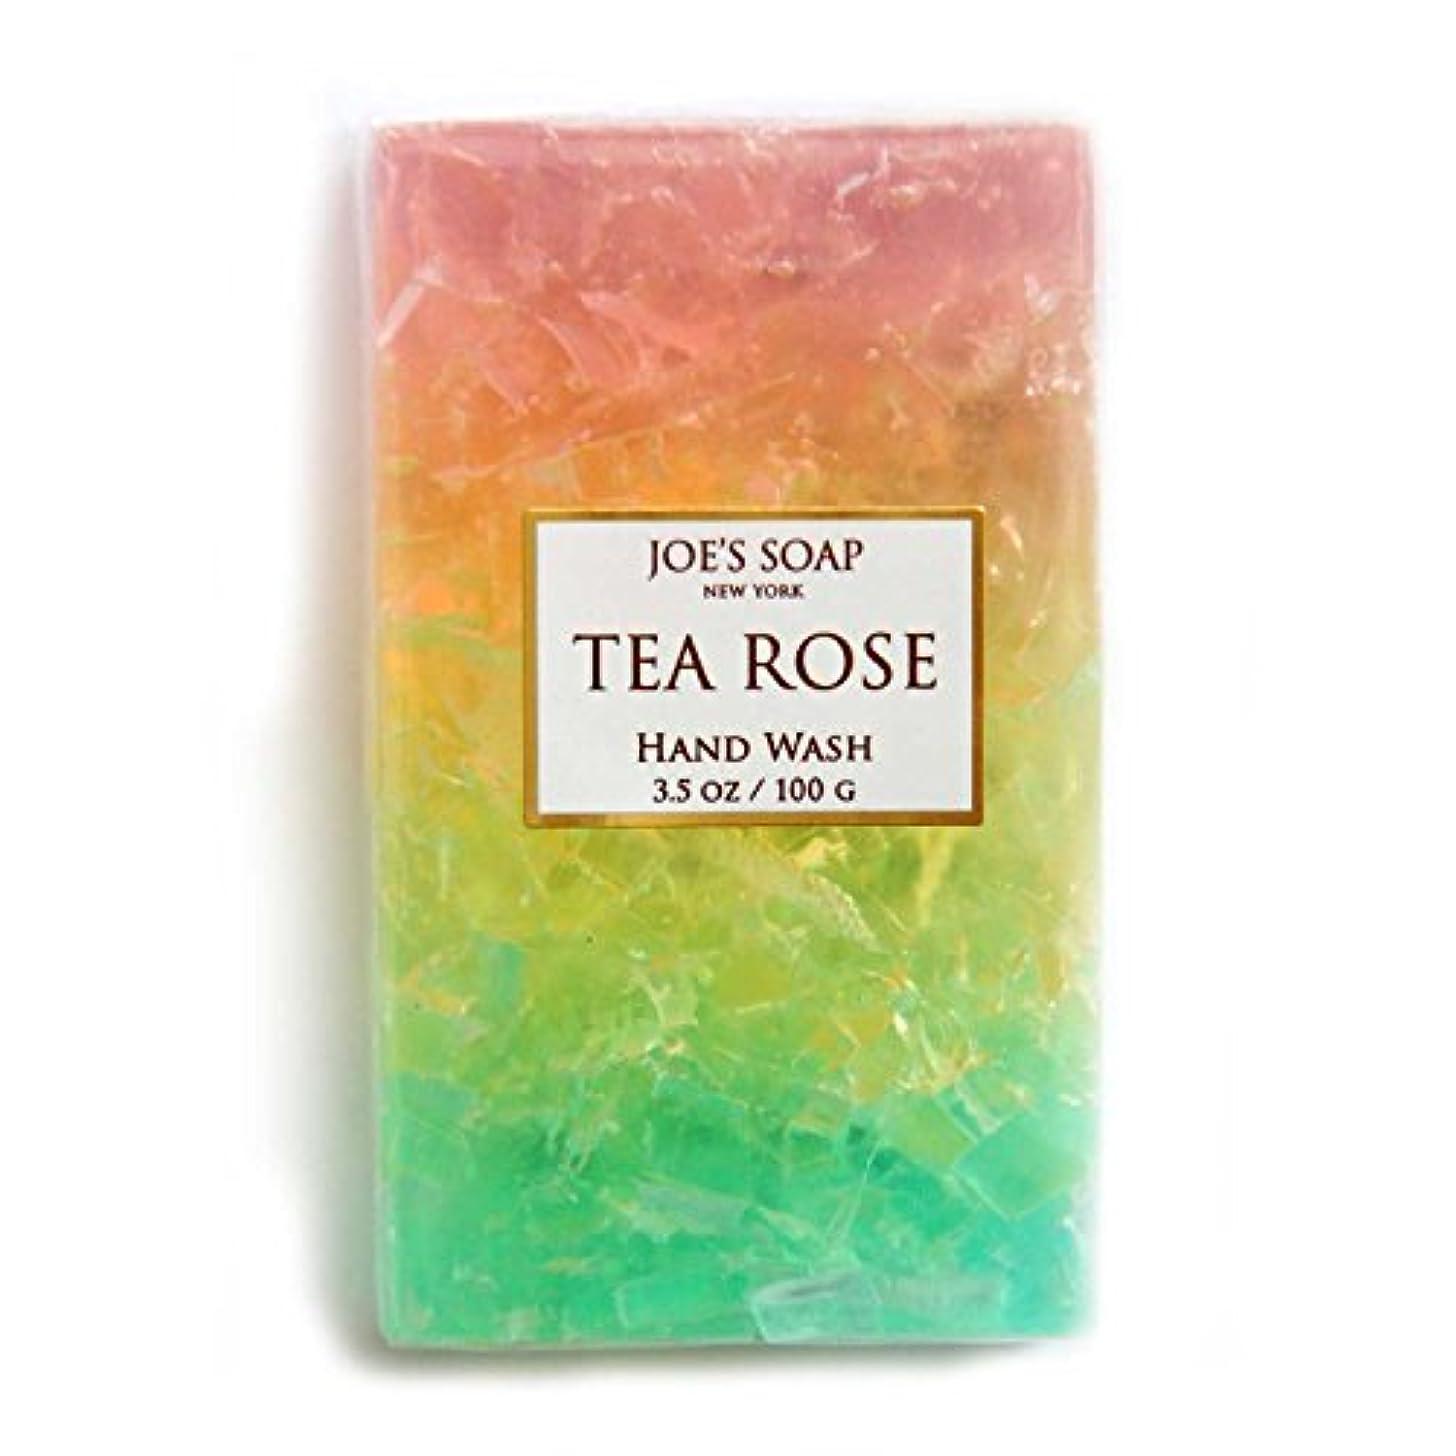 アダルト空いている分離JOE'S SOAP ジョーズソープ グラスソープ 100g 石けん ボディソープ 洗顔料 せっけん 固形 ギフト